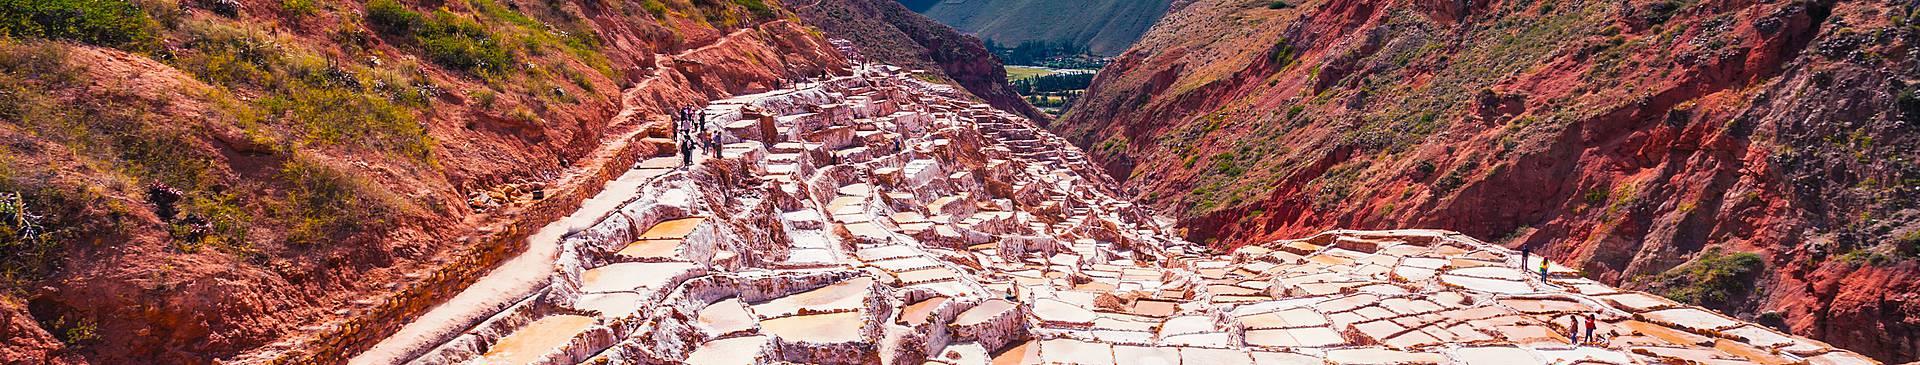 Fall in Peru